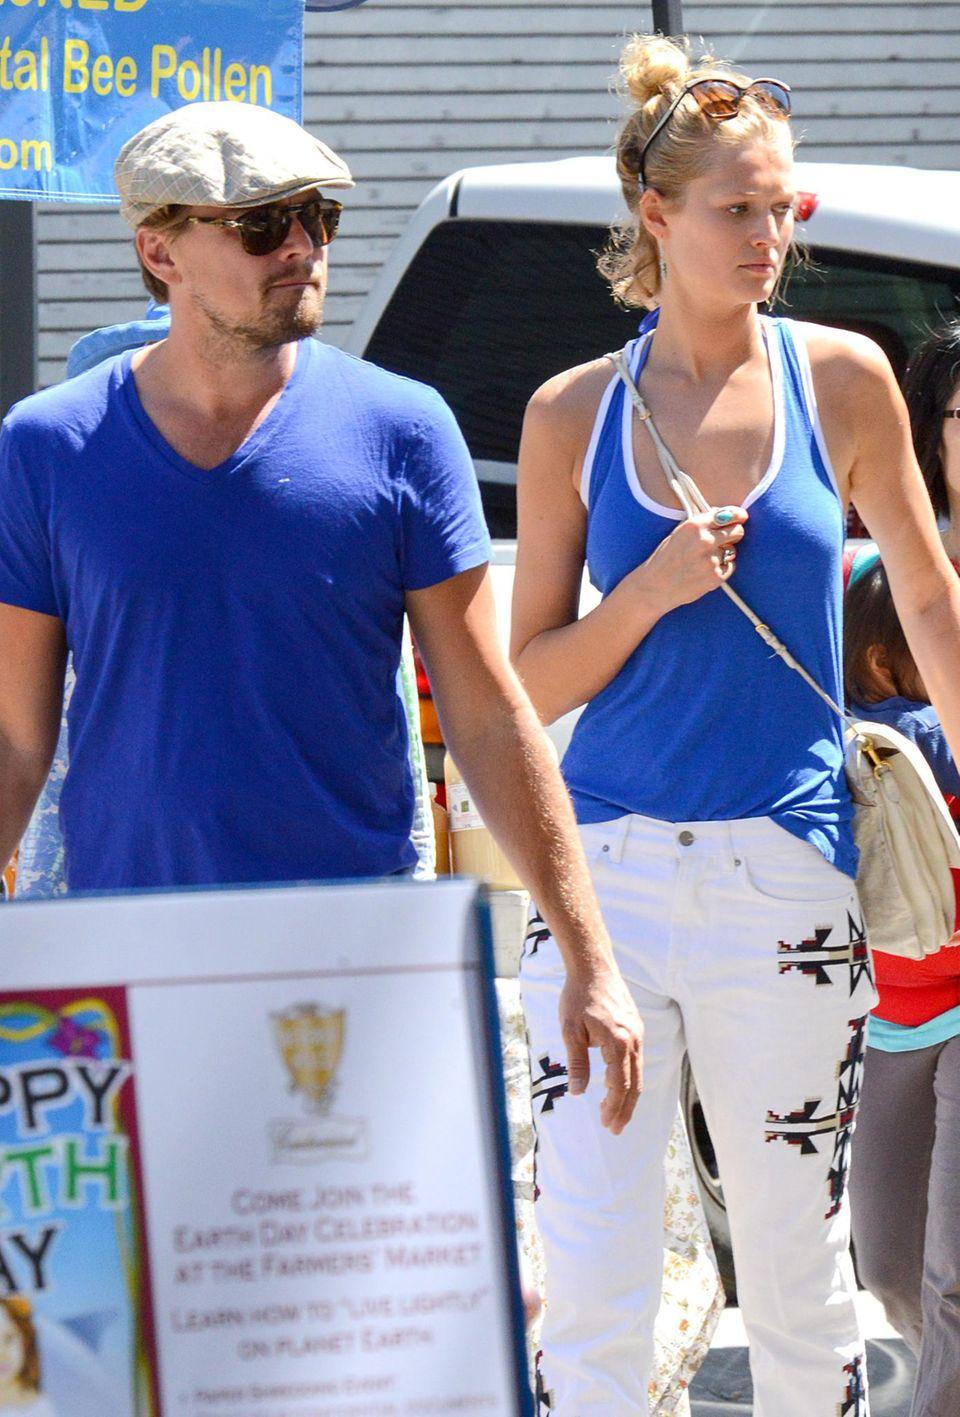 Da prickelt nix: Leonardo DiCaprio ist nicht gerade als Gute-Laune-Bär bekannt. Zärtlichkeiten in der Öffentlichkeit? No way! Hier spaziert er 2014 mit Freundin Toni über den Farmers-Markt in Los Angeles